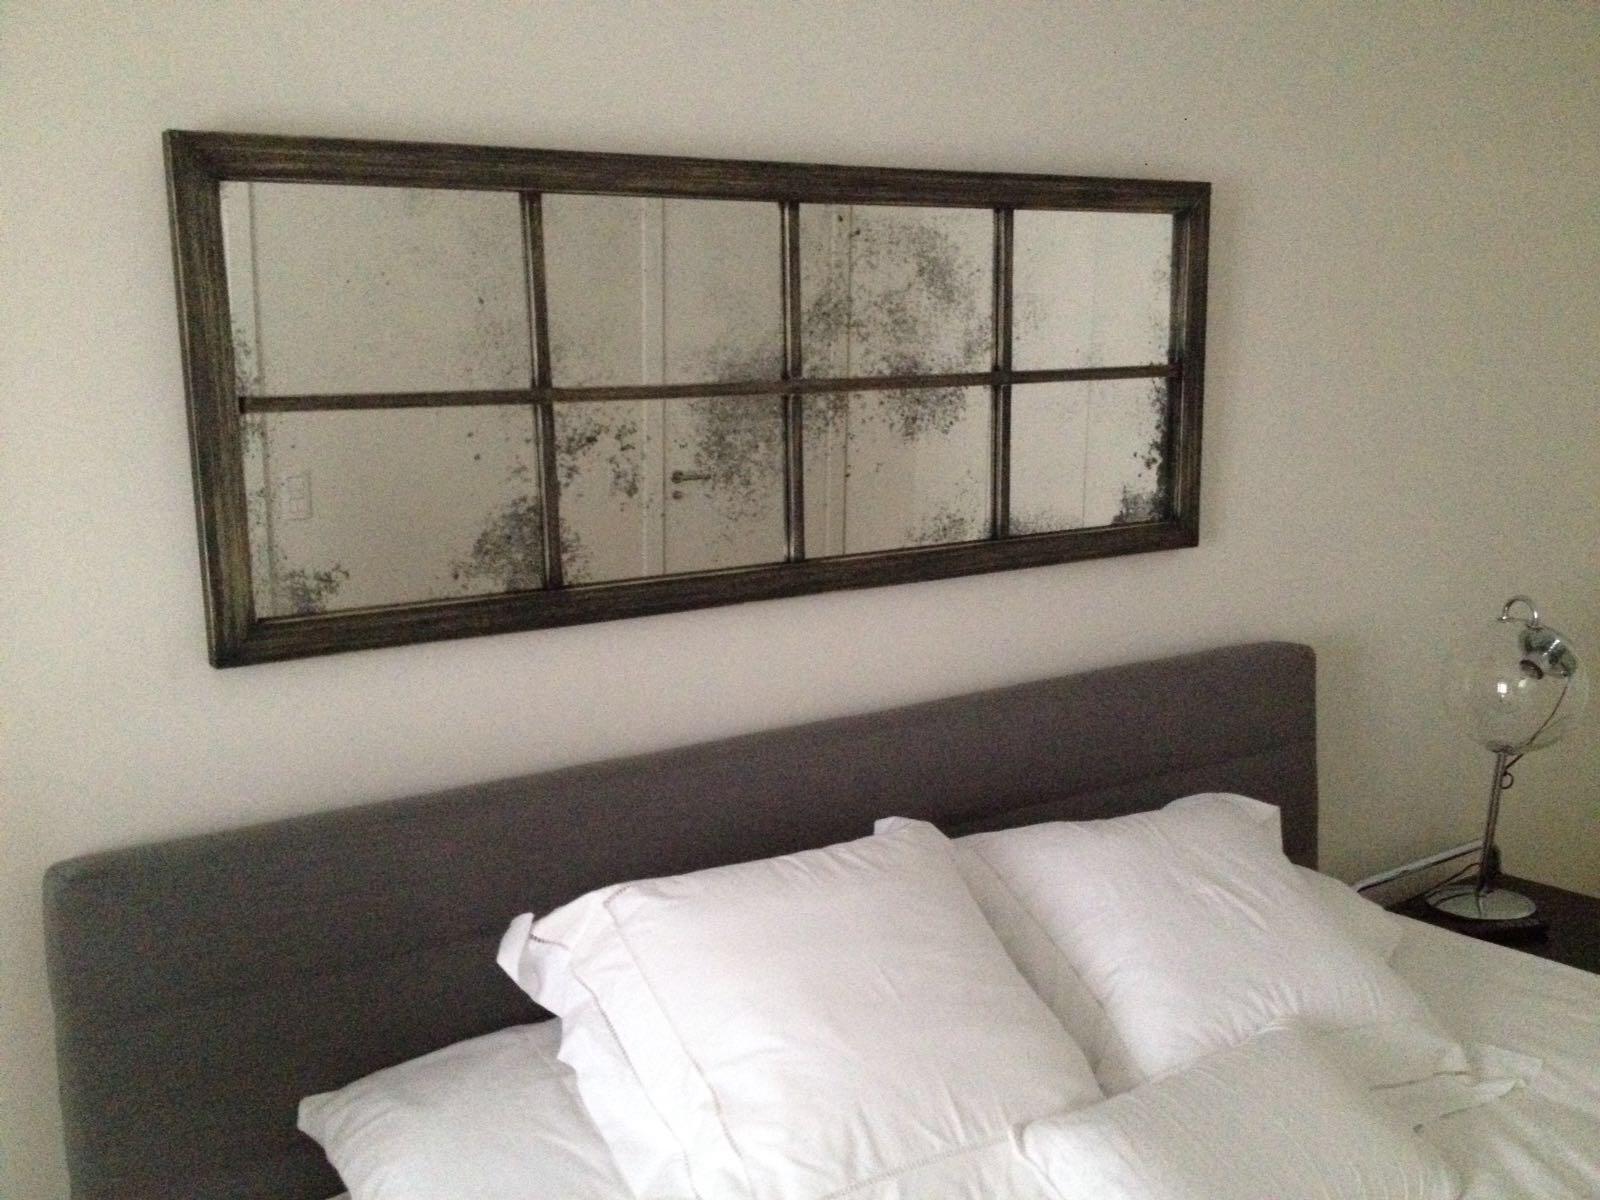 Kino marcos molduras marcos para cuadros enmarcacion for Espejo pared precio